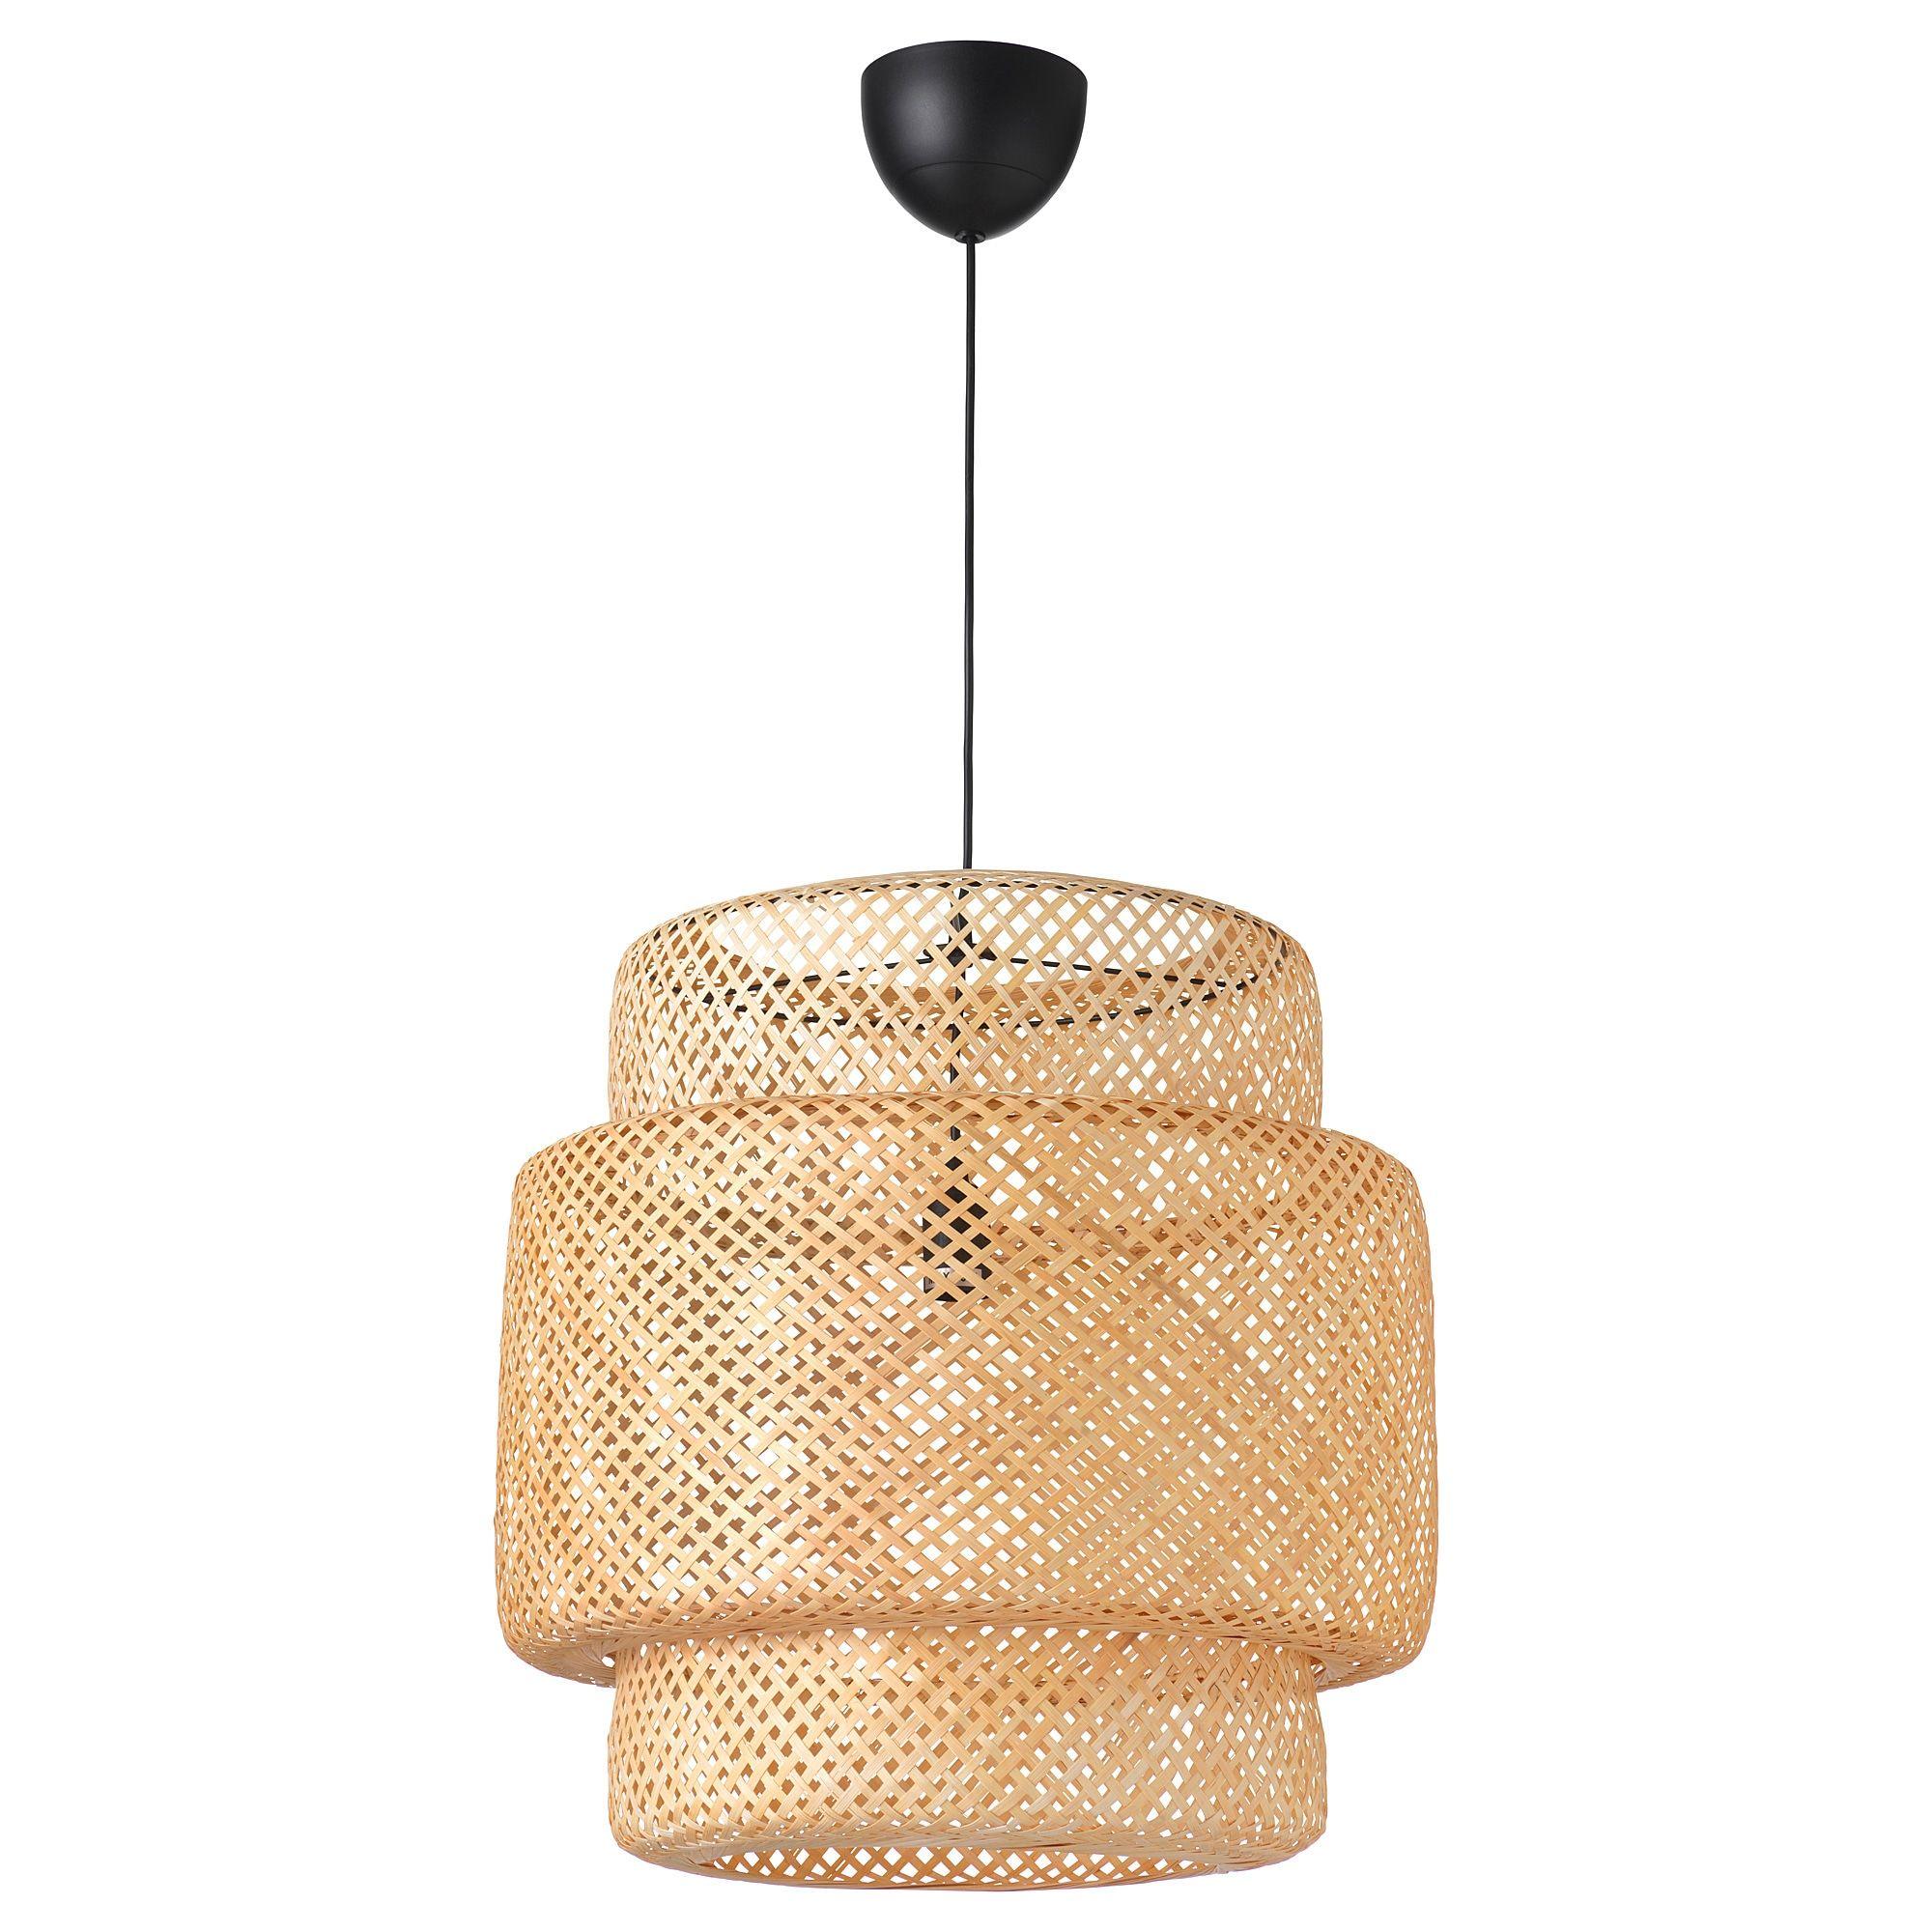 SINNERLIG Pendant lamp, bamboo IKEA